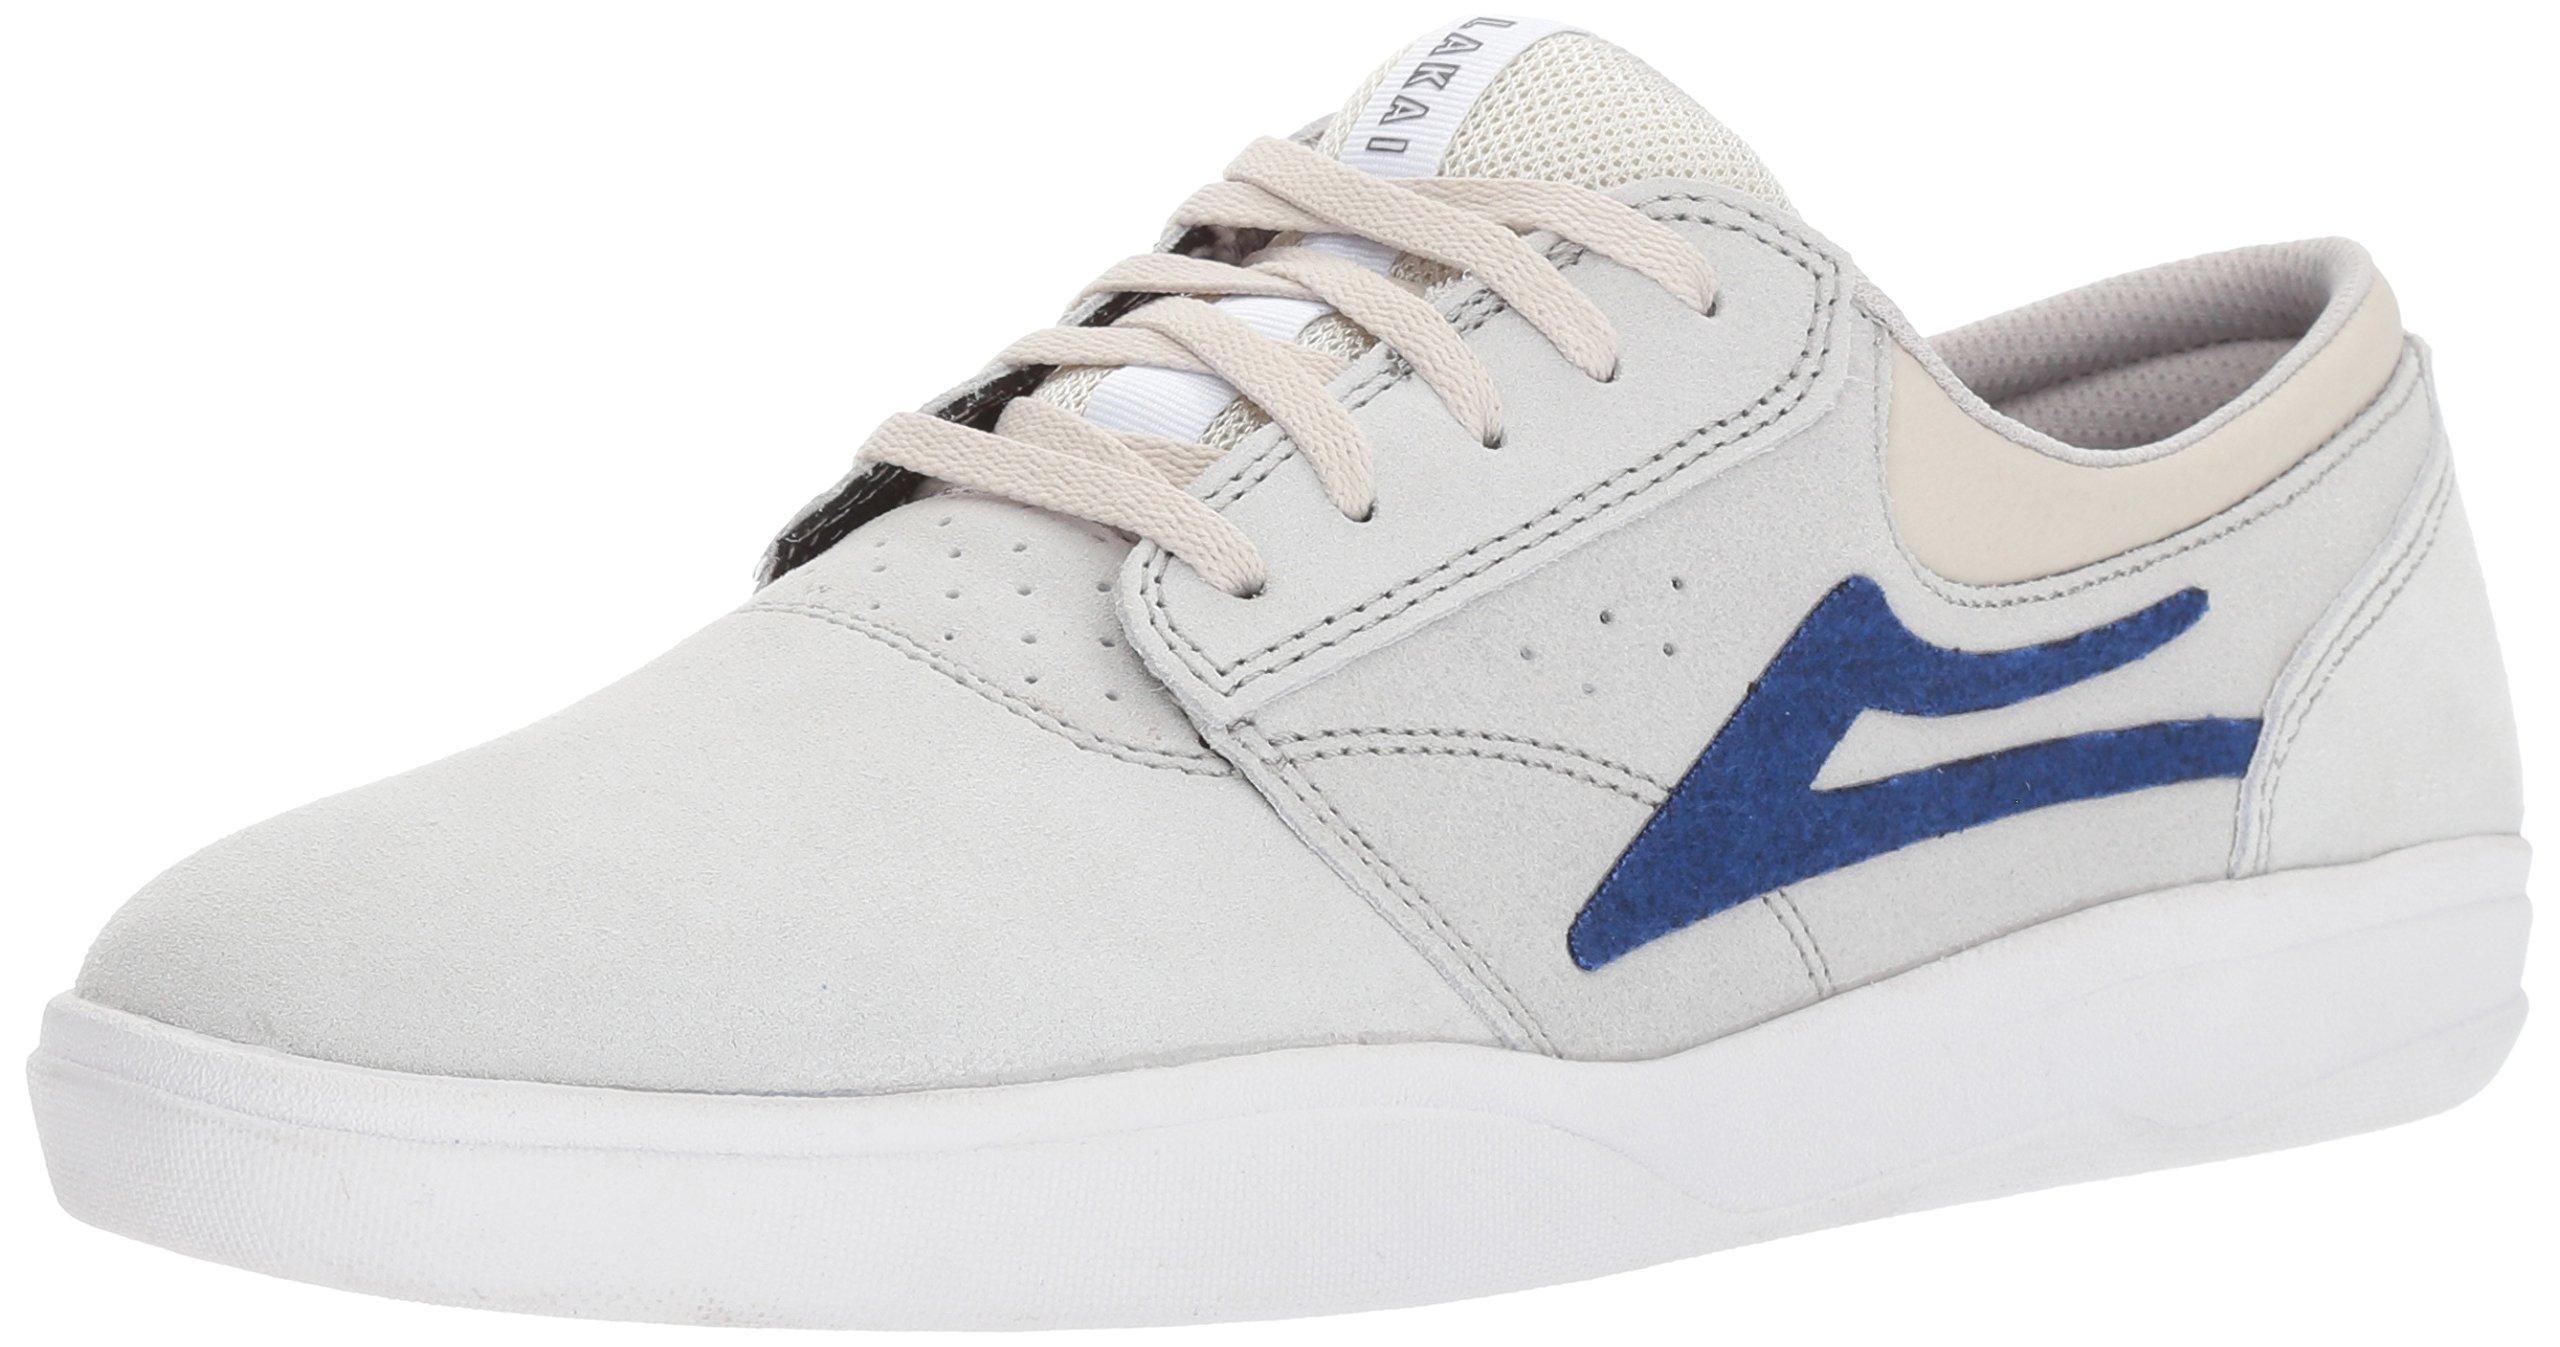 Lakai Griffin XLK Skate Shoe, White Suede, 7 M US